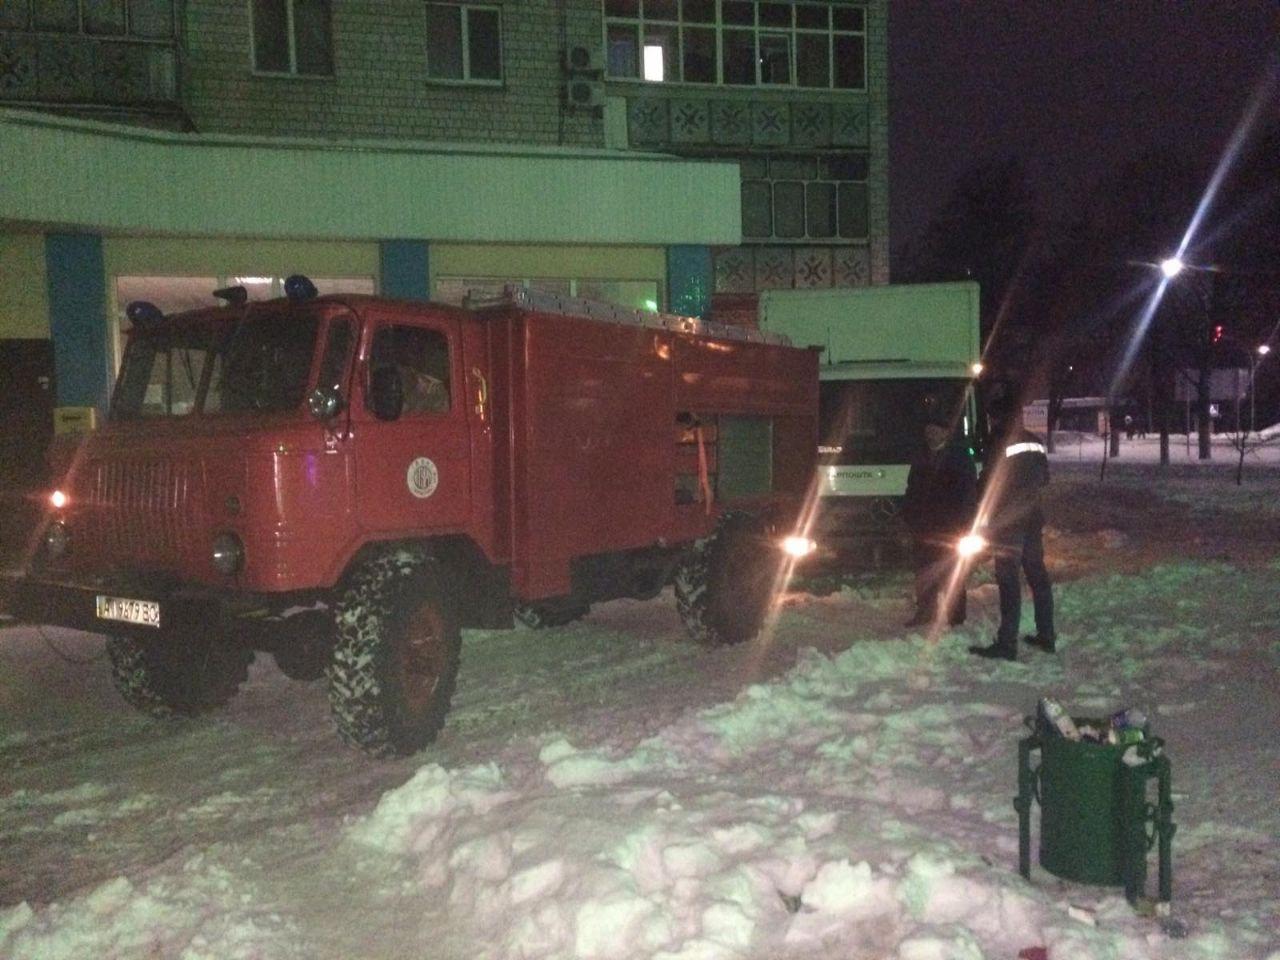 В лісі під Борисполем загубилася людина - рятувальники, пожежа - 153682819 887060662094706 2119712342156539436 o